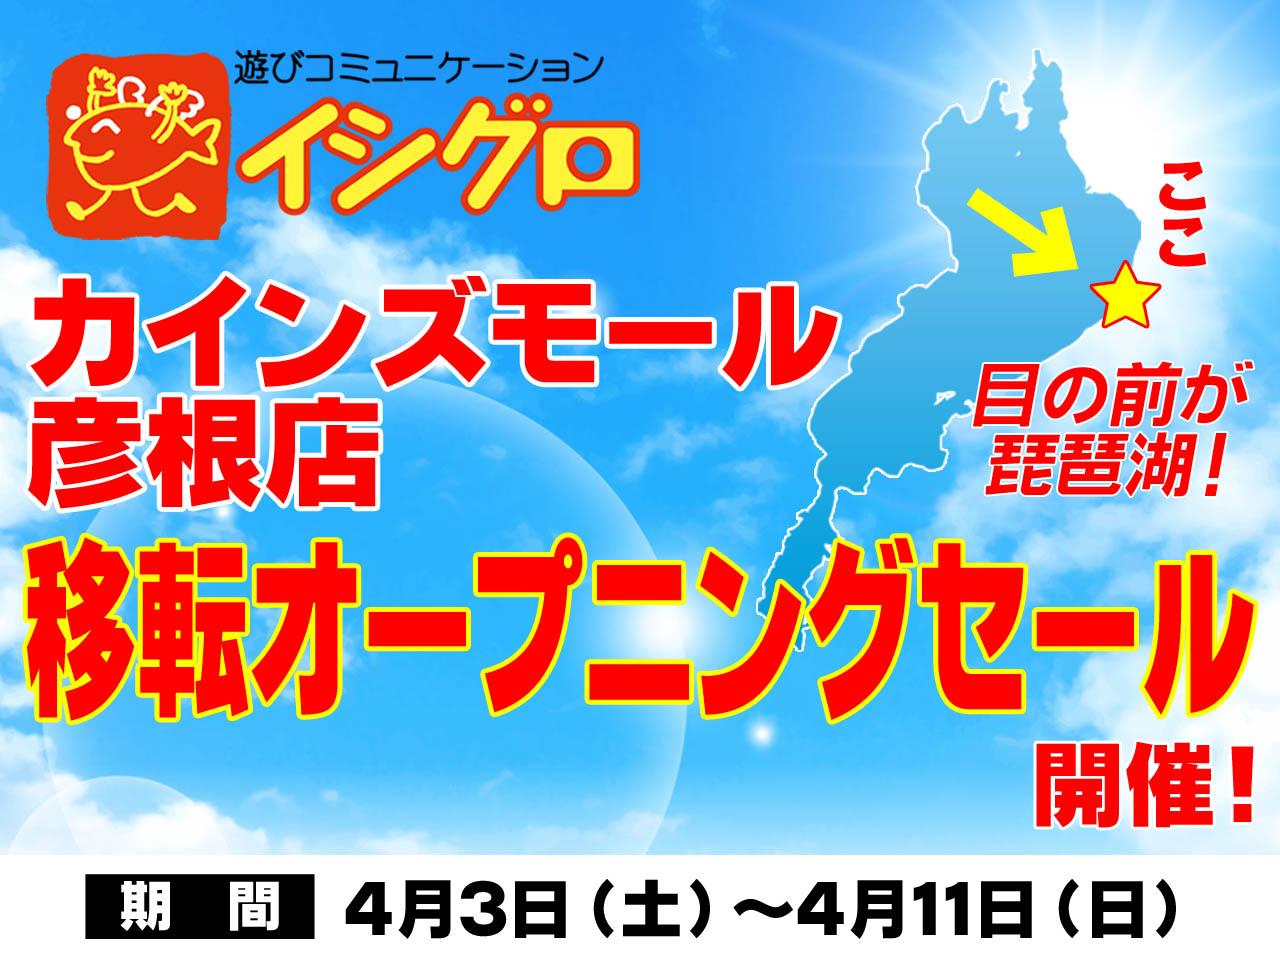 釣具のイシグロ カインズモール彦根店 オープニングセール開催!